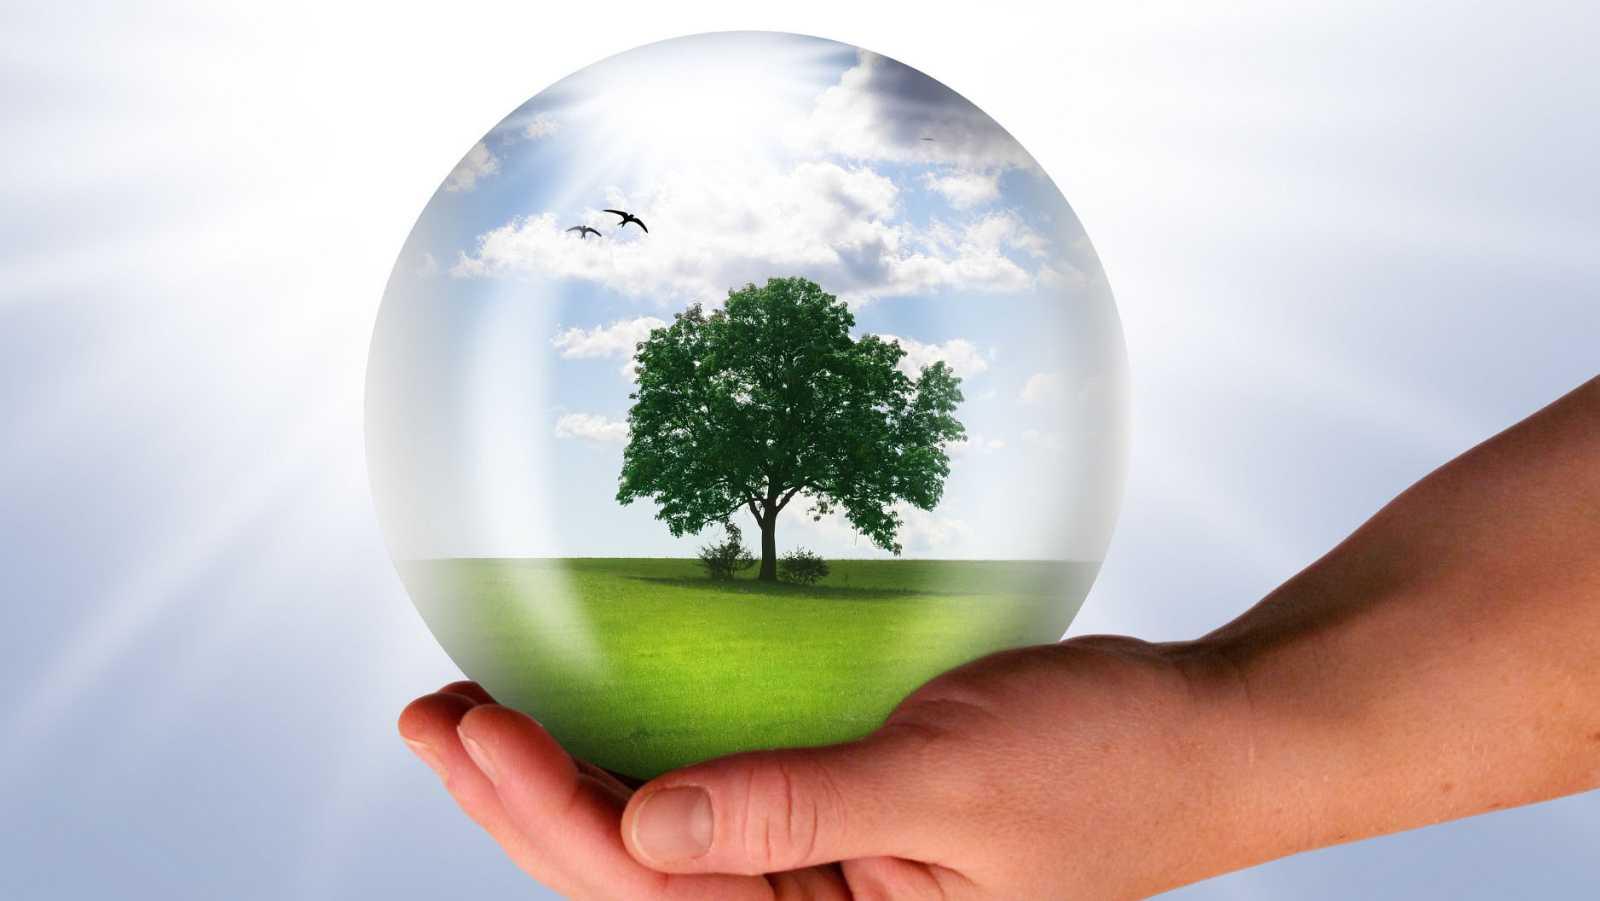 Sector.3 - Conservación medioambiental, un pilar de la RSE - 10/11/15 - escuchar ahora